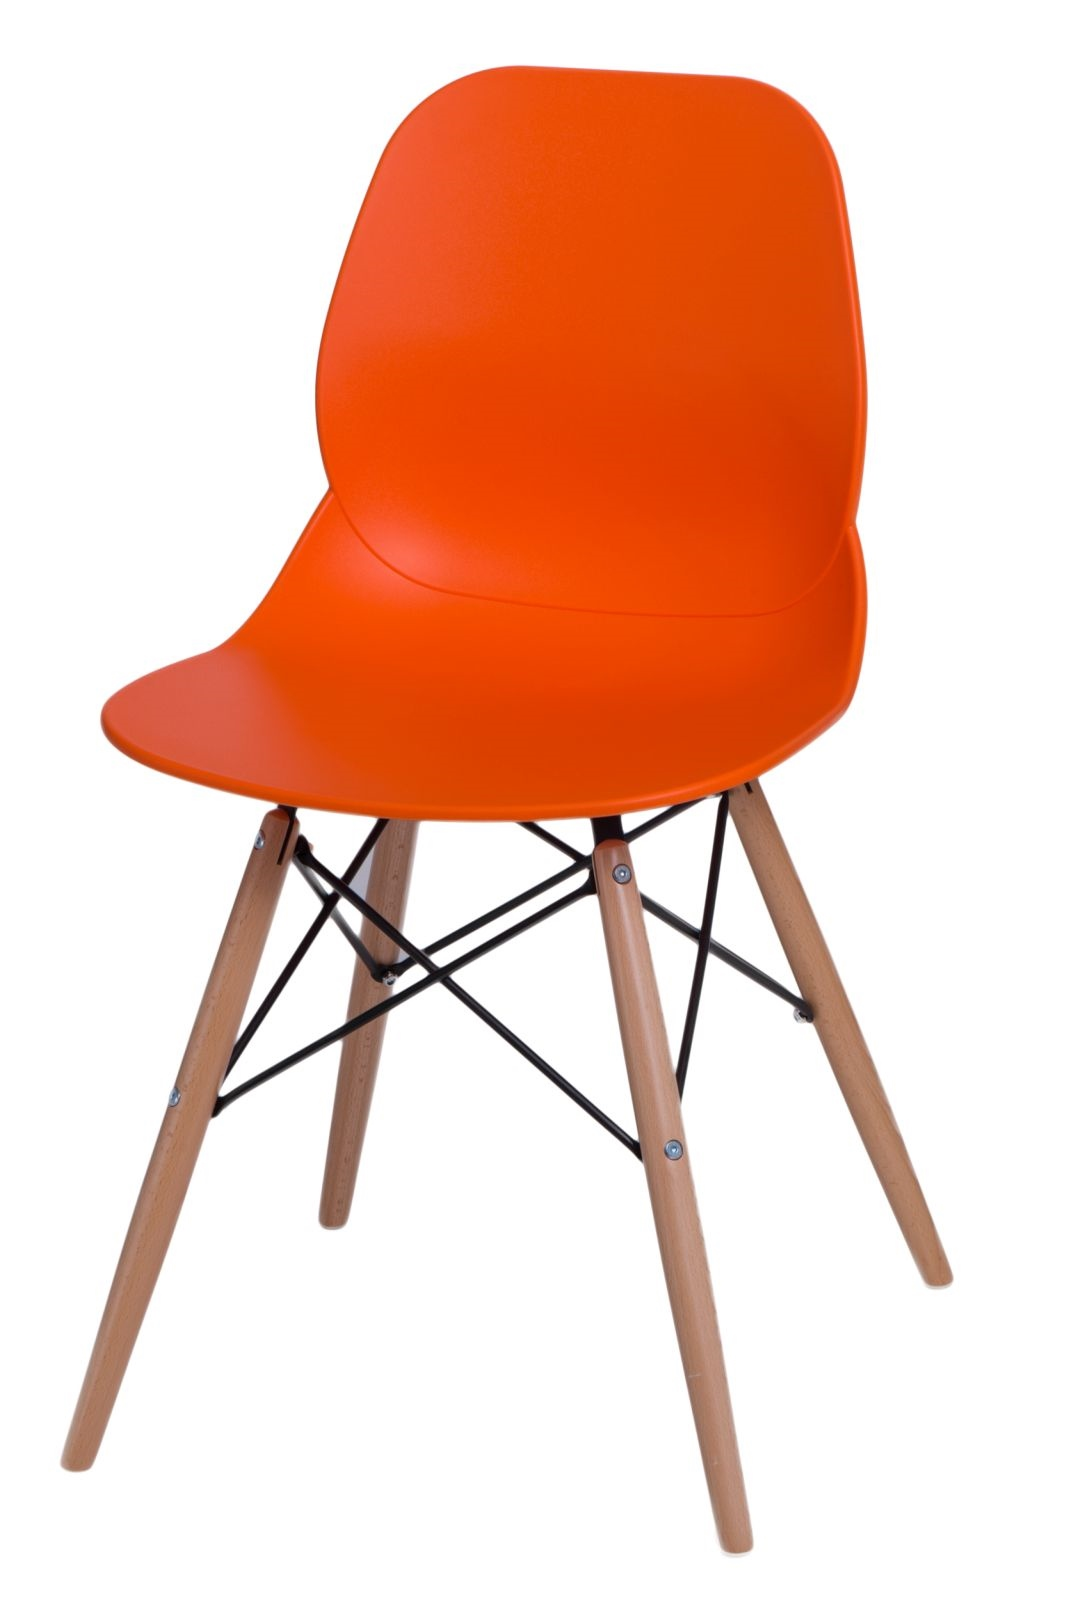 Jídelní židle s dřevěnou podnoží Skikt, oranžová